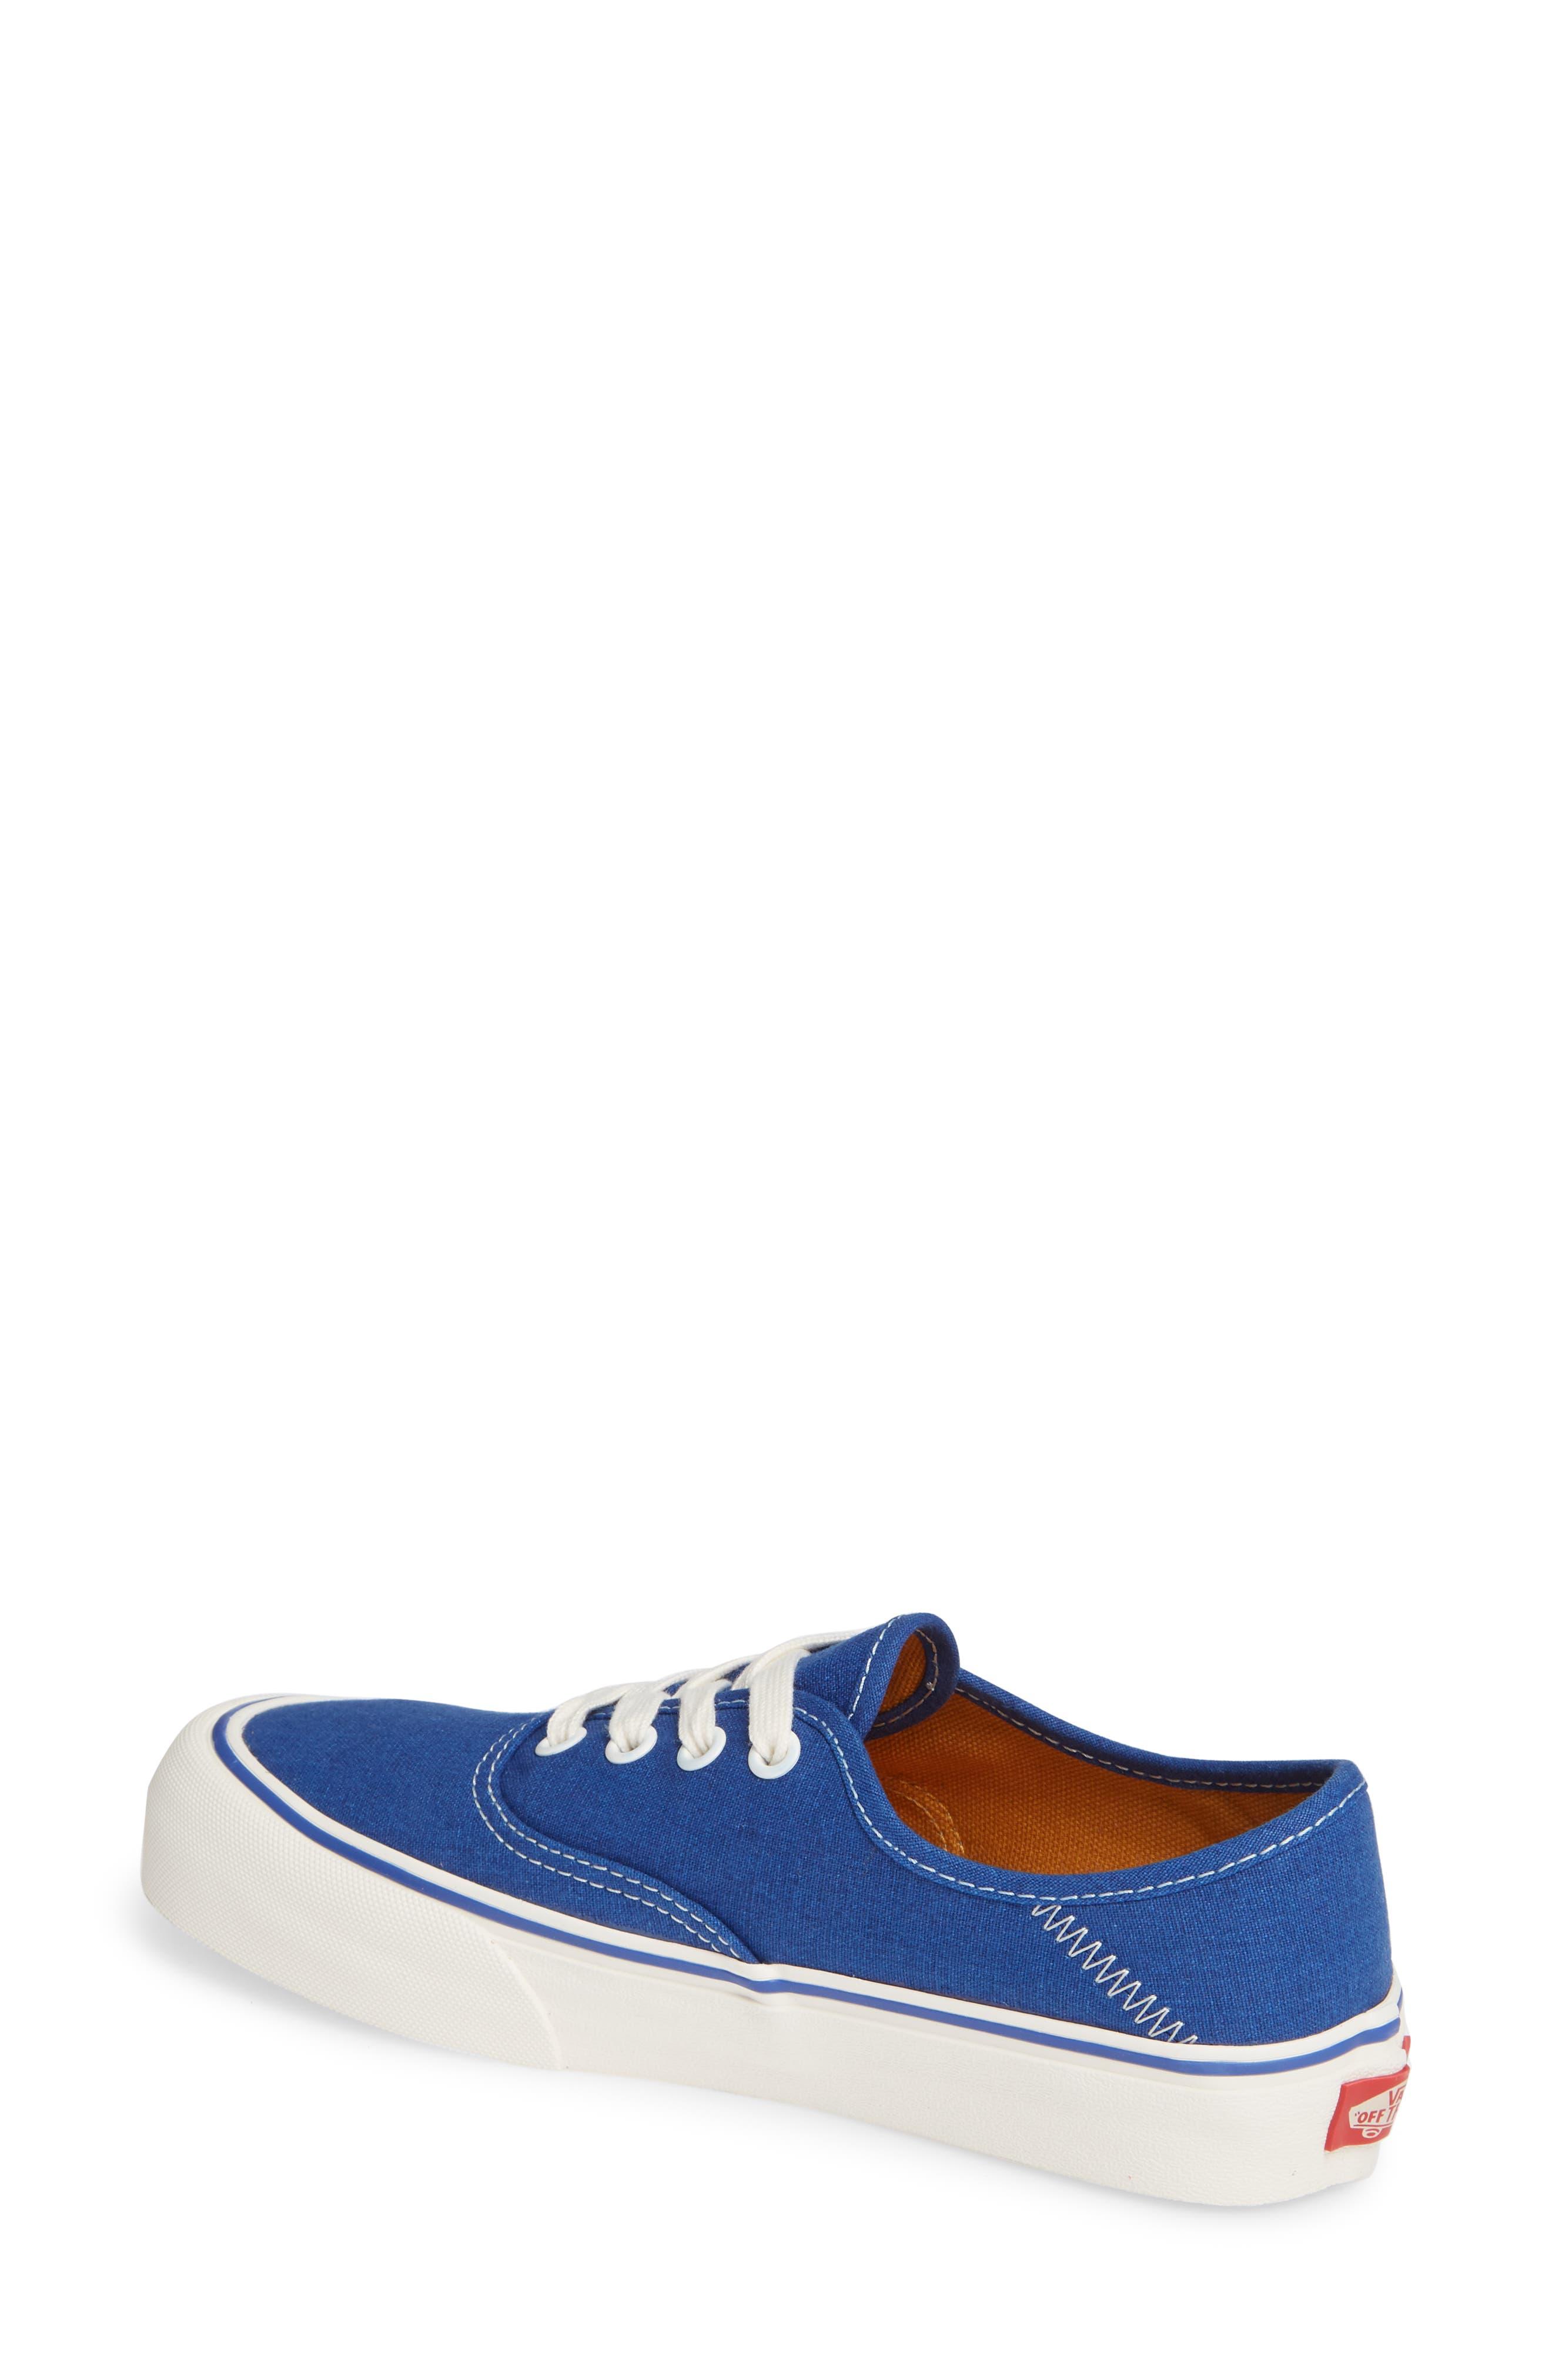 VANS,                             UA Authentic Sneaker,                             Alternate thumbnail 2, color,                             420